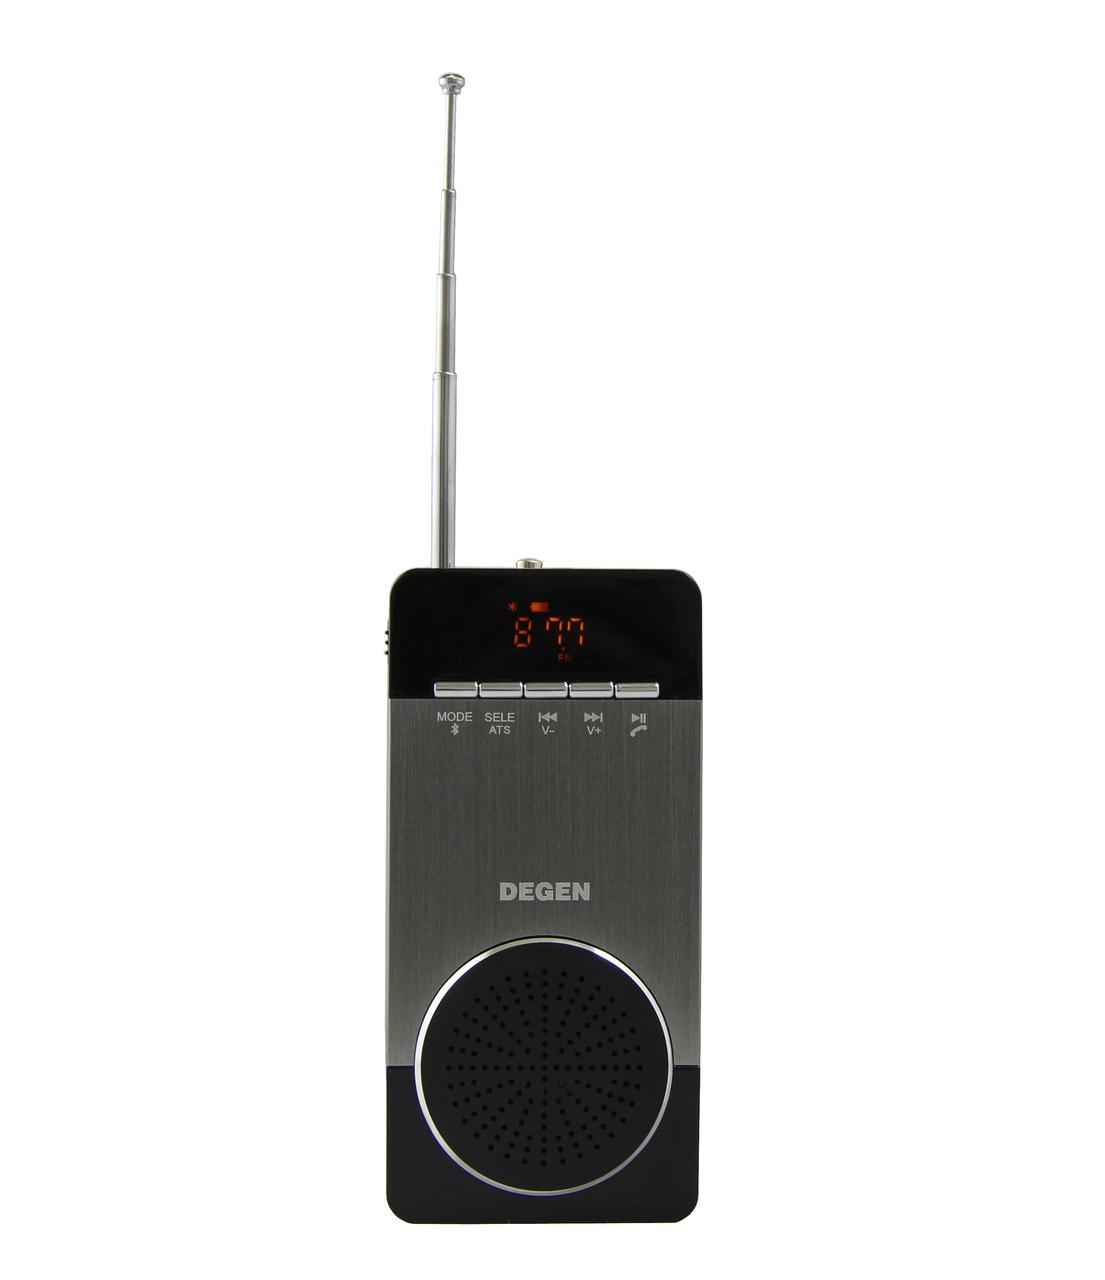 Радіоприймач Degen DE660 (запис дзвінків iPhone)